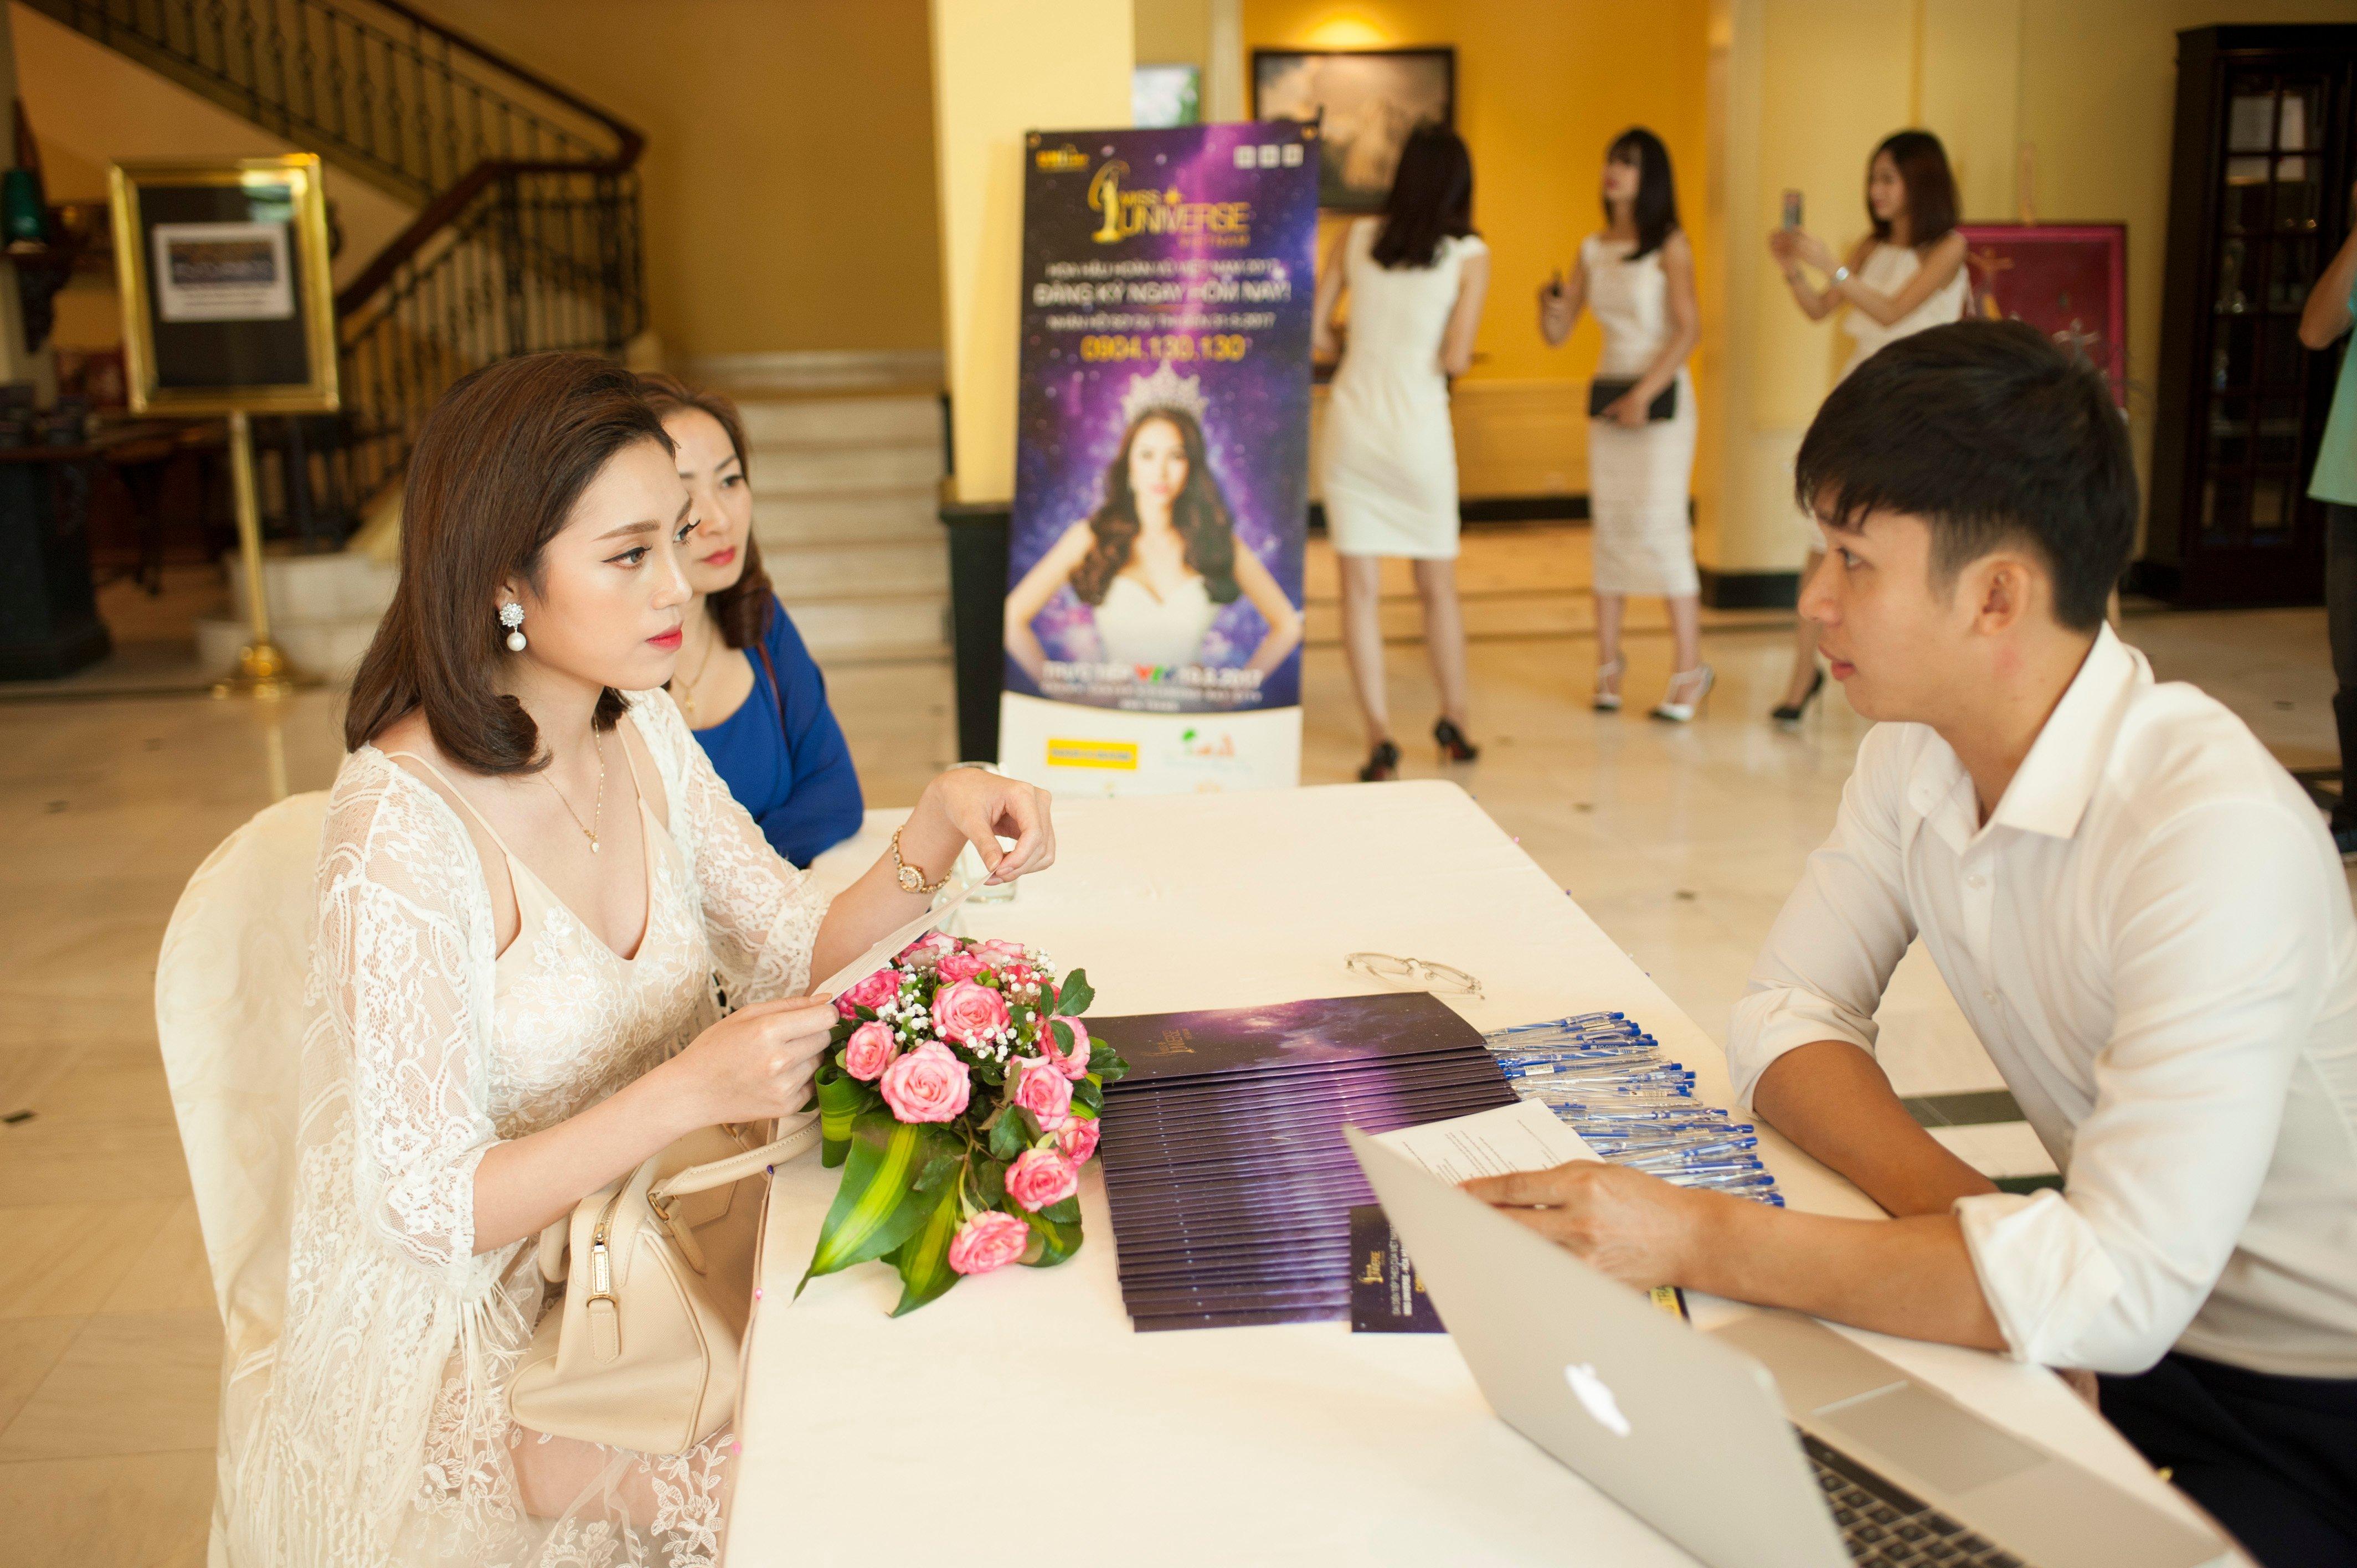 Phạm Hương rơi nước mắt gặp lại mẹ tại quê nhà Hải Phòng 1